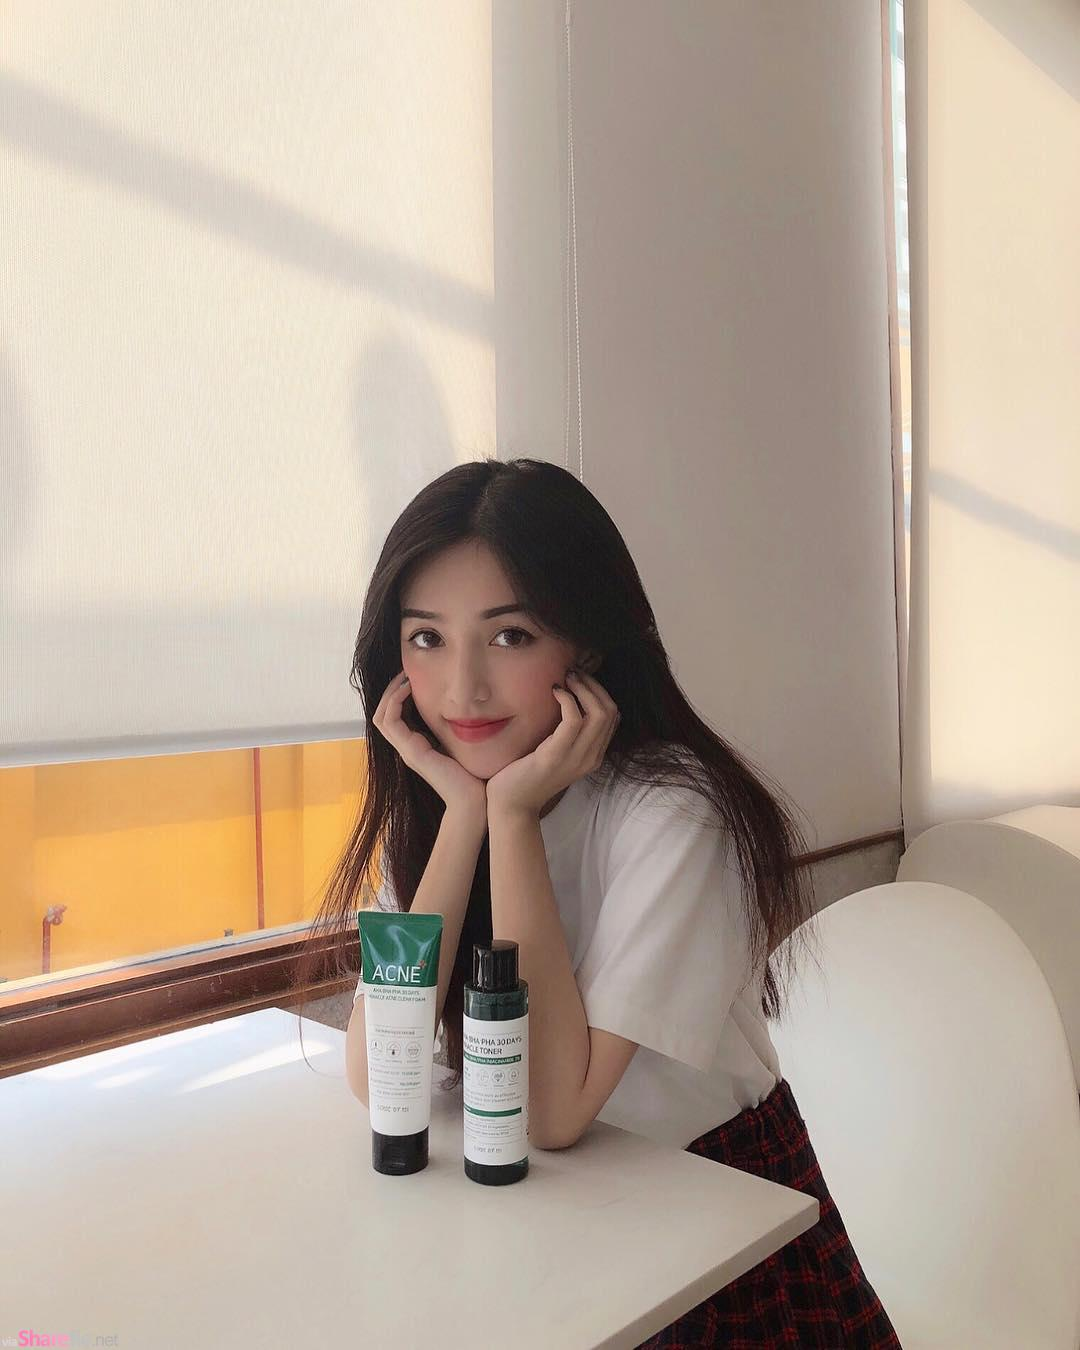 越南甜美正妹,想和她一起去旅游